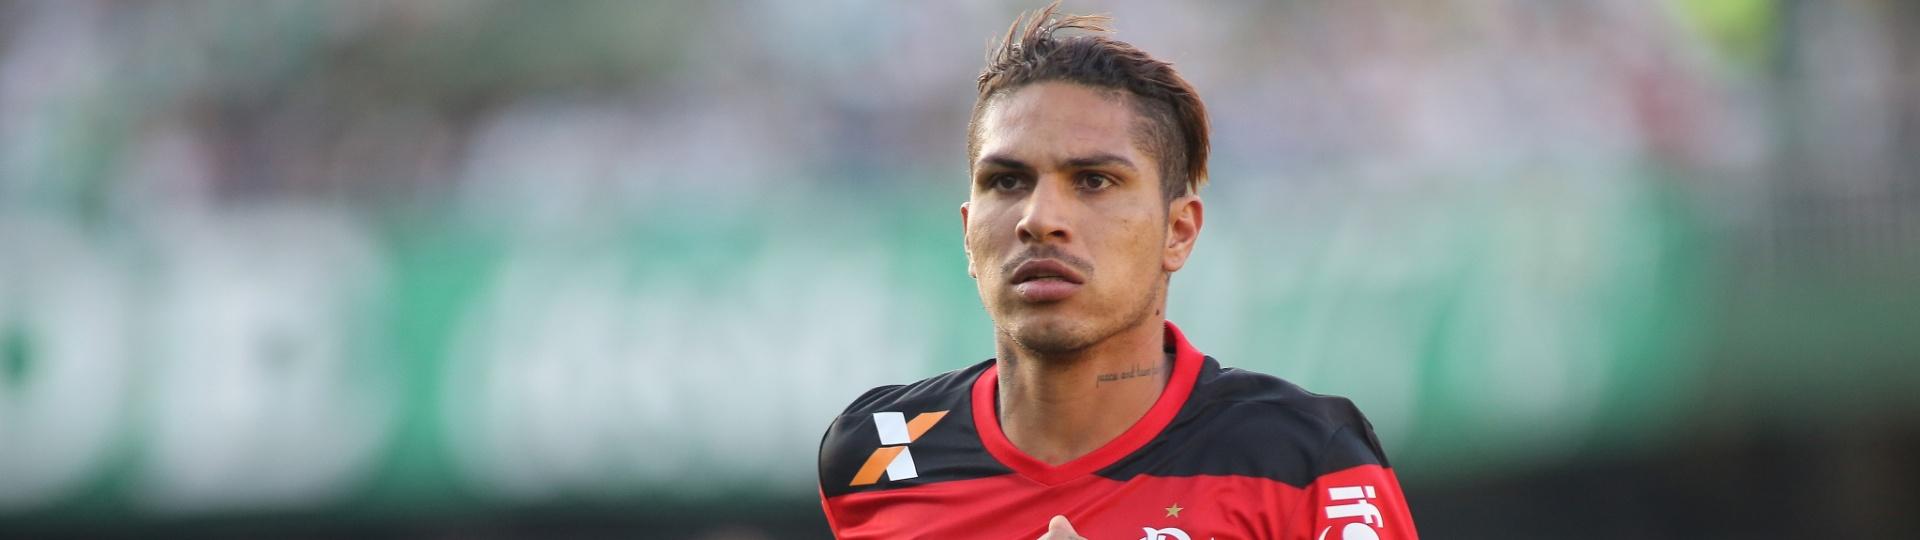 Guerrero comemora gol do Flamengo diante do Coritiba